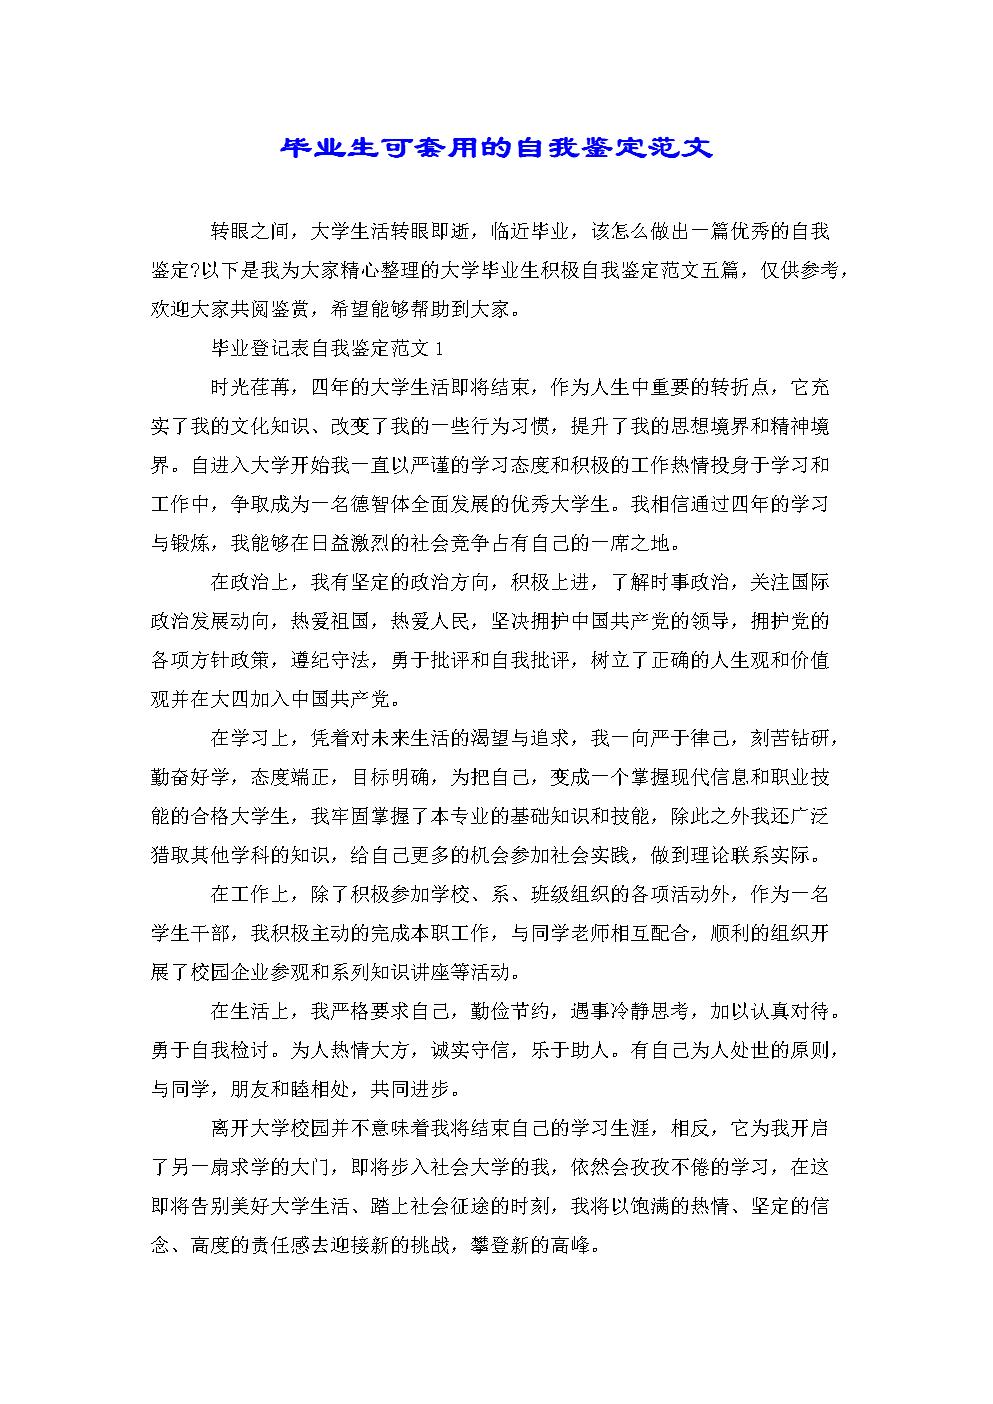 毕业生可套用的自我鉴定范文.doc